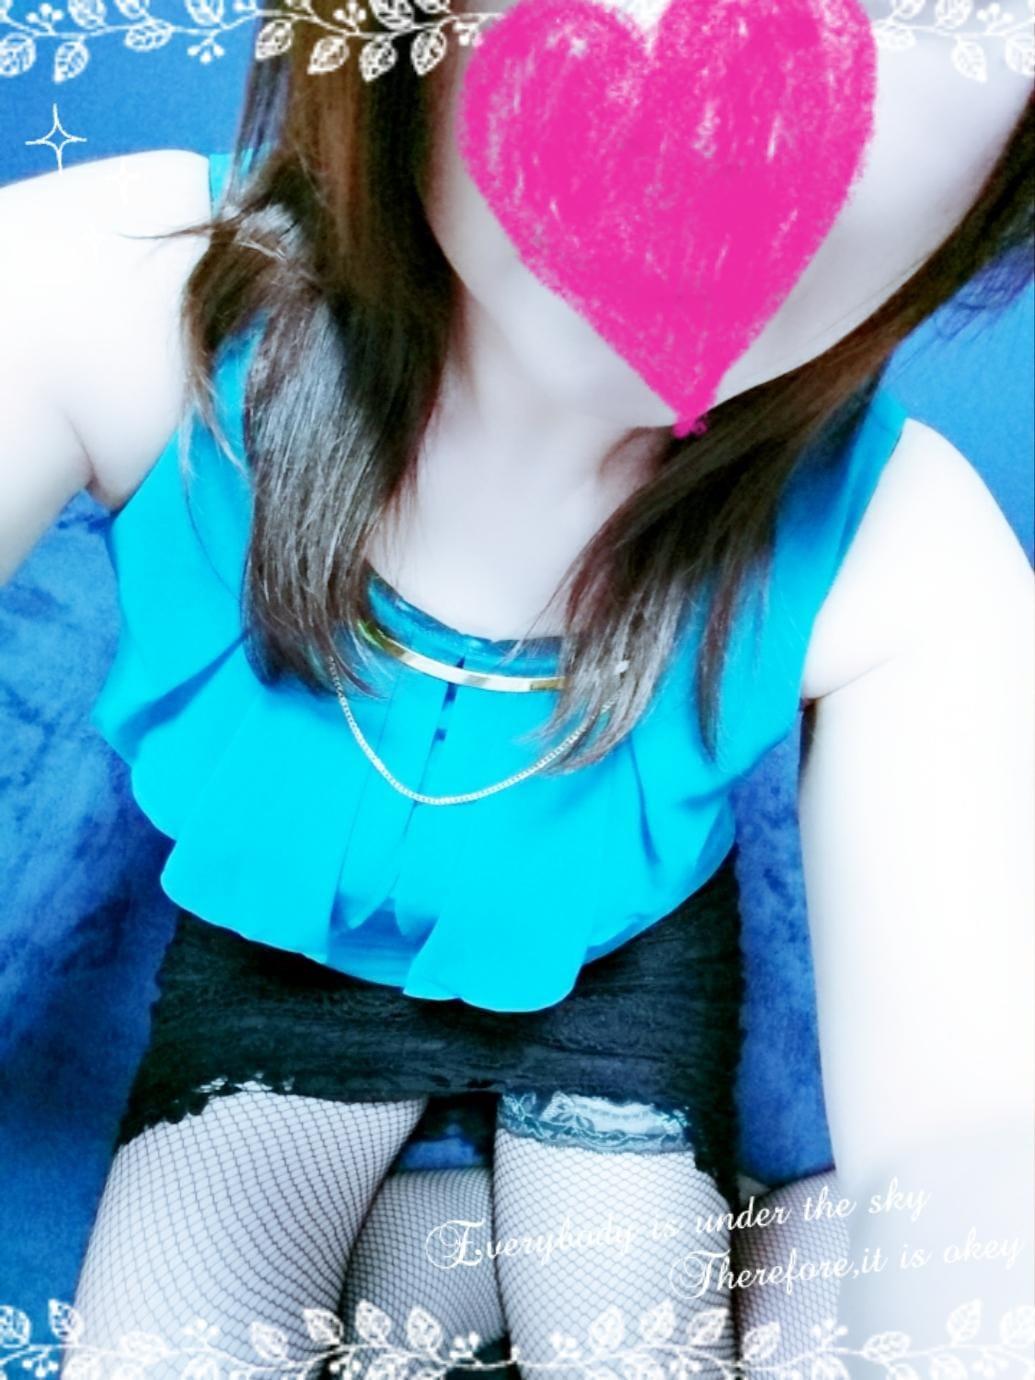 「お礼(*´ω`*)」12/19(12/19) 00:52 | あいみの写メ・風俗動画